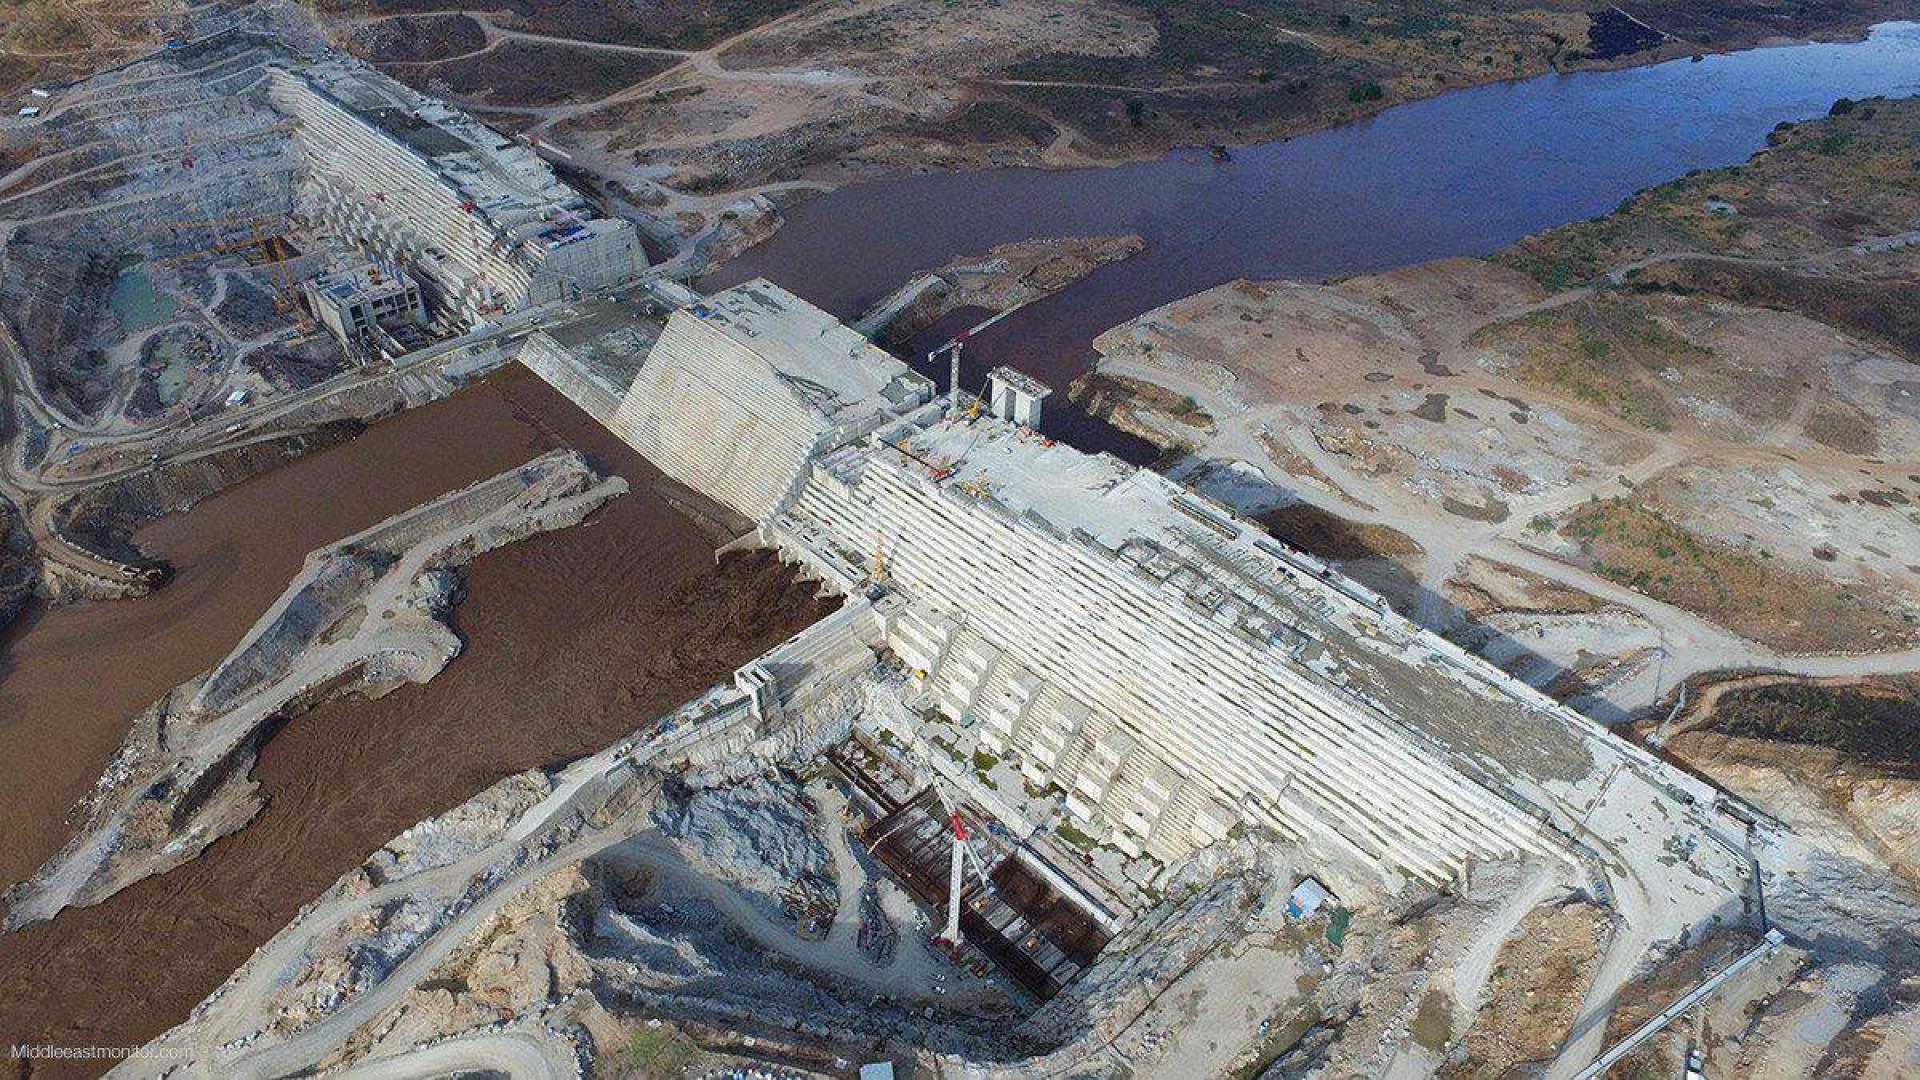 إثيوبيا ترفض توقيع اتفاق يشترط تمرير حصص محددة من مياه سد النهضة لدول المصب